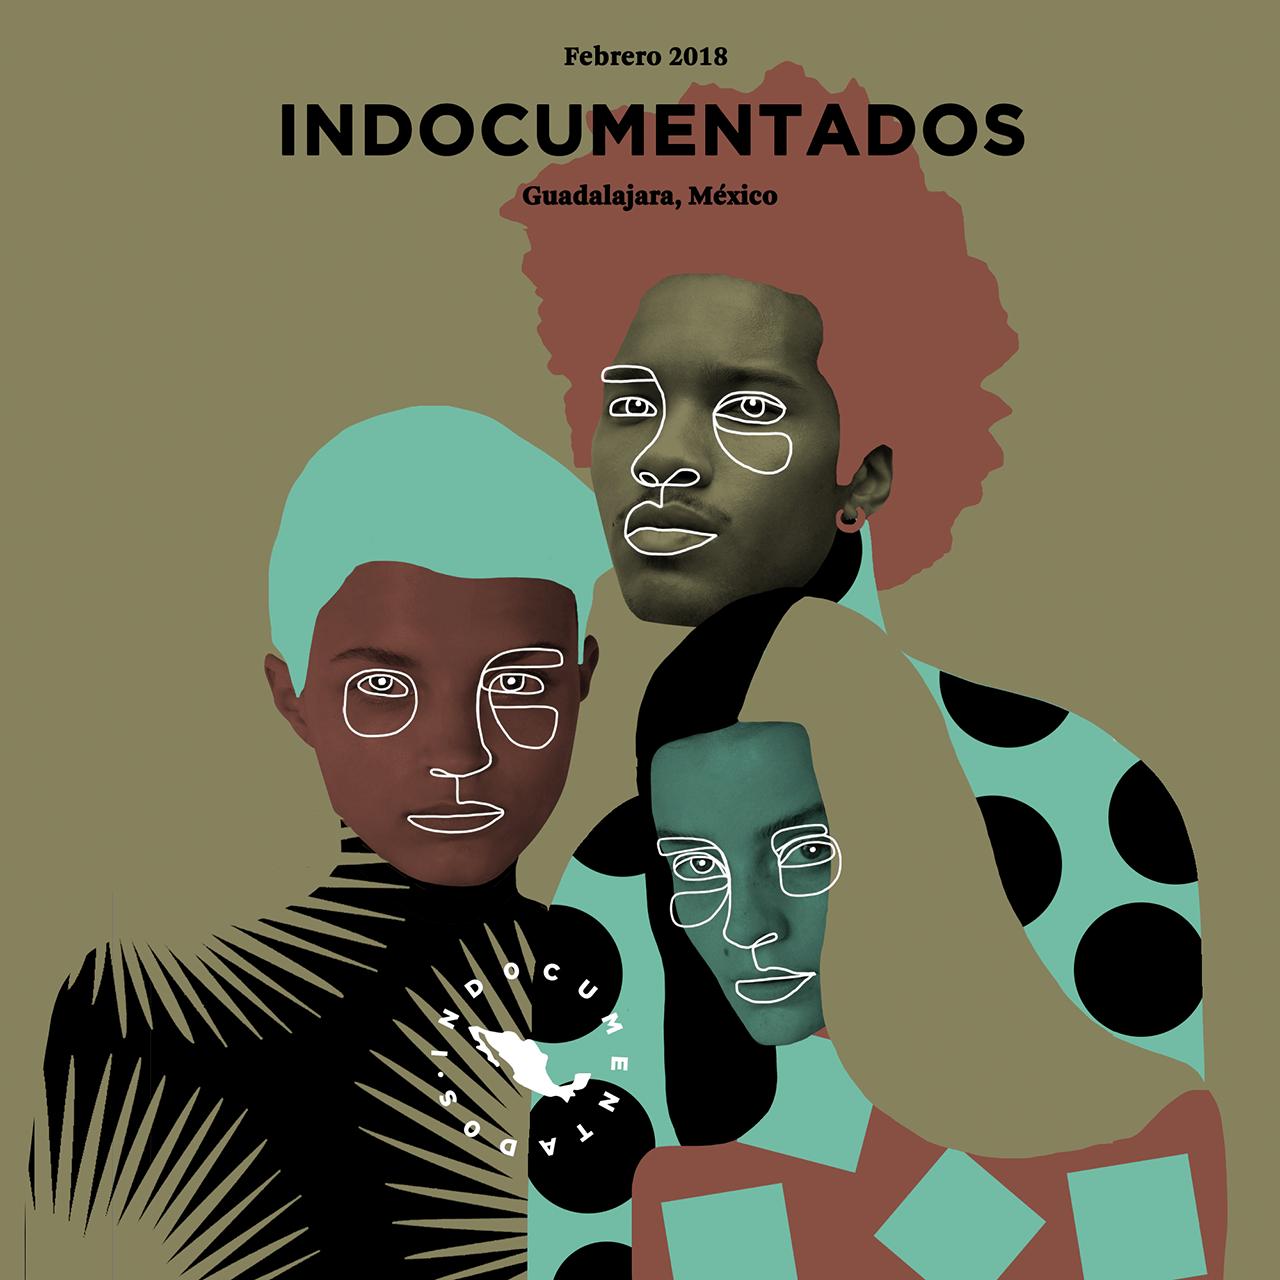 indocumentados_01